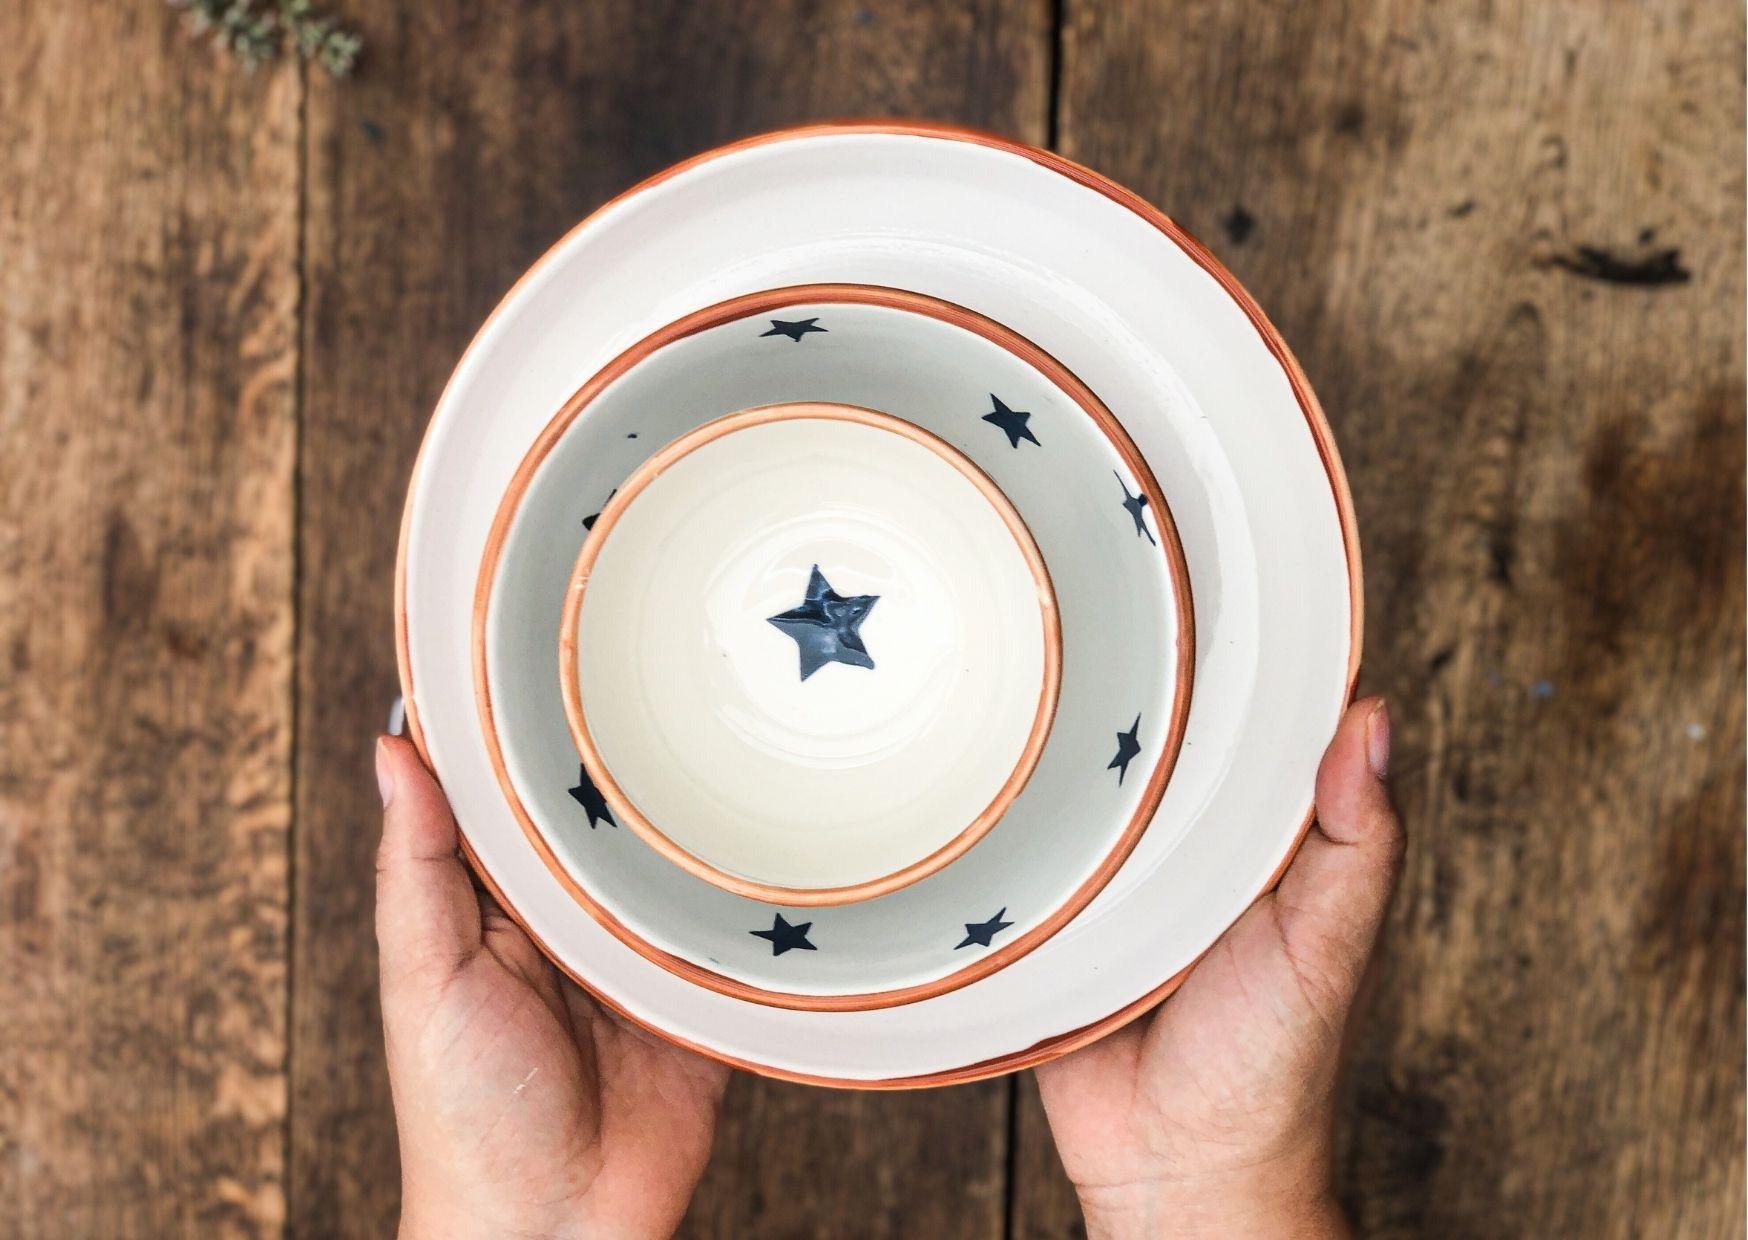 Handbemaltes Keramikgeschirr mit Sterndesign in Händen gehalten